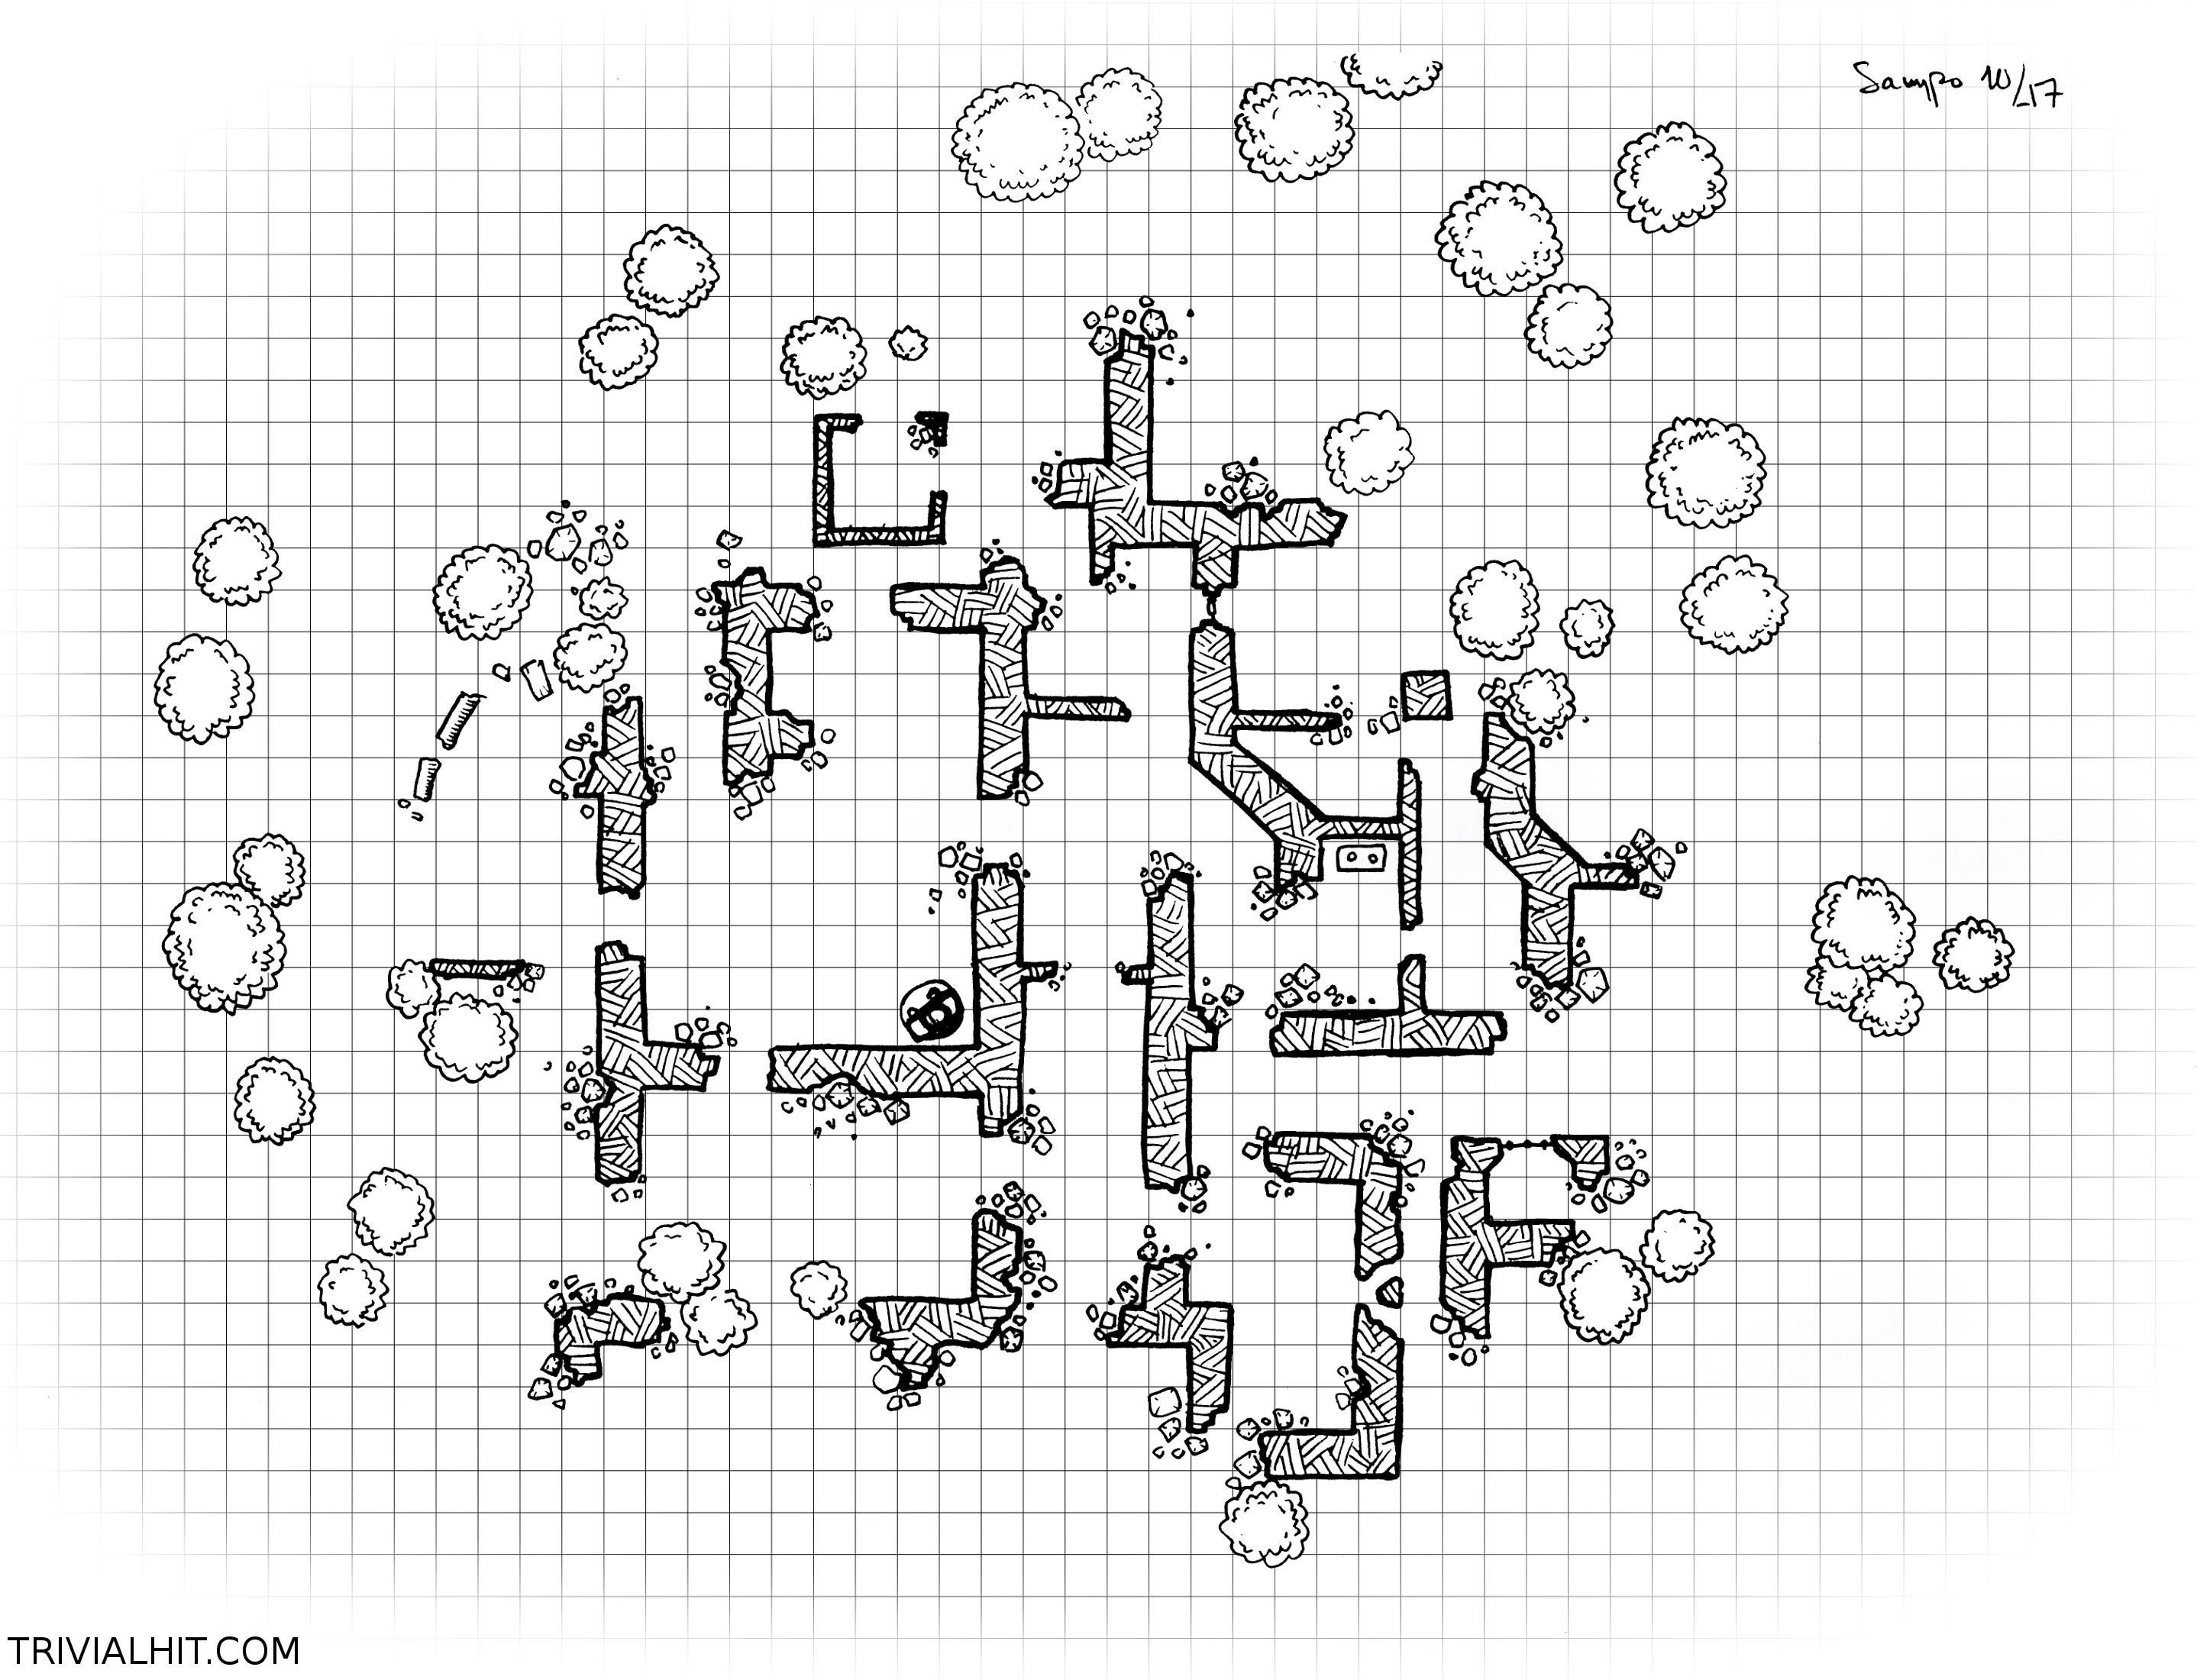 castle_ruins_1_public.png